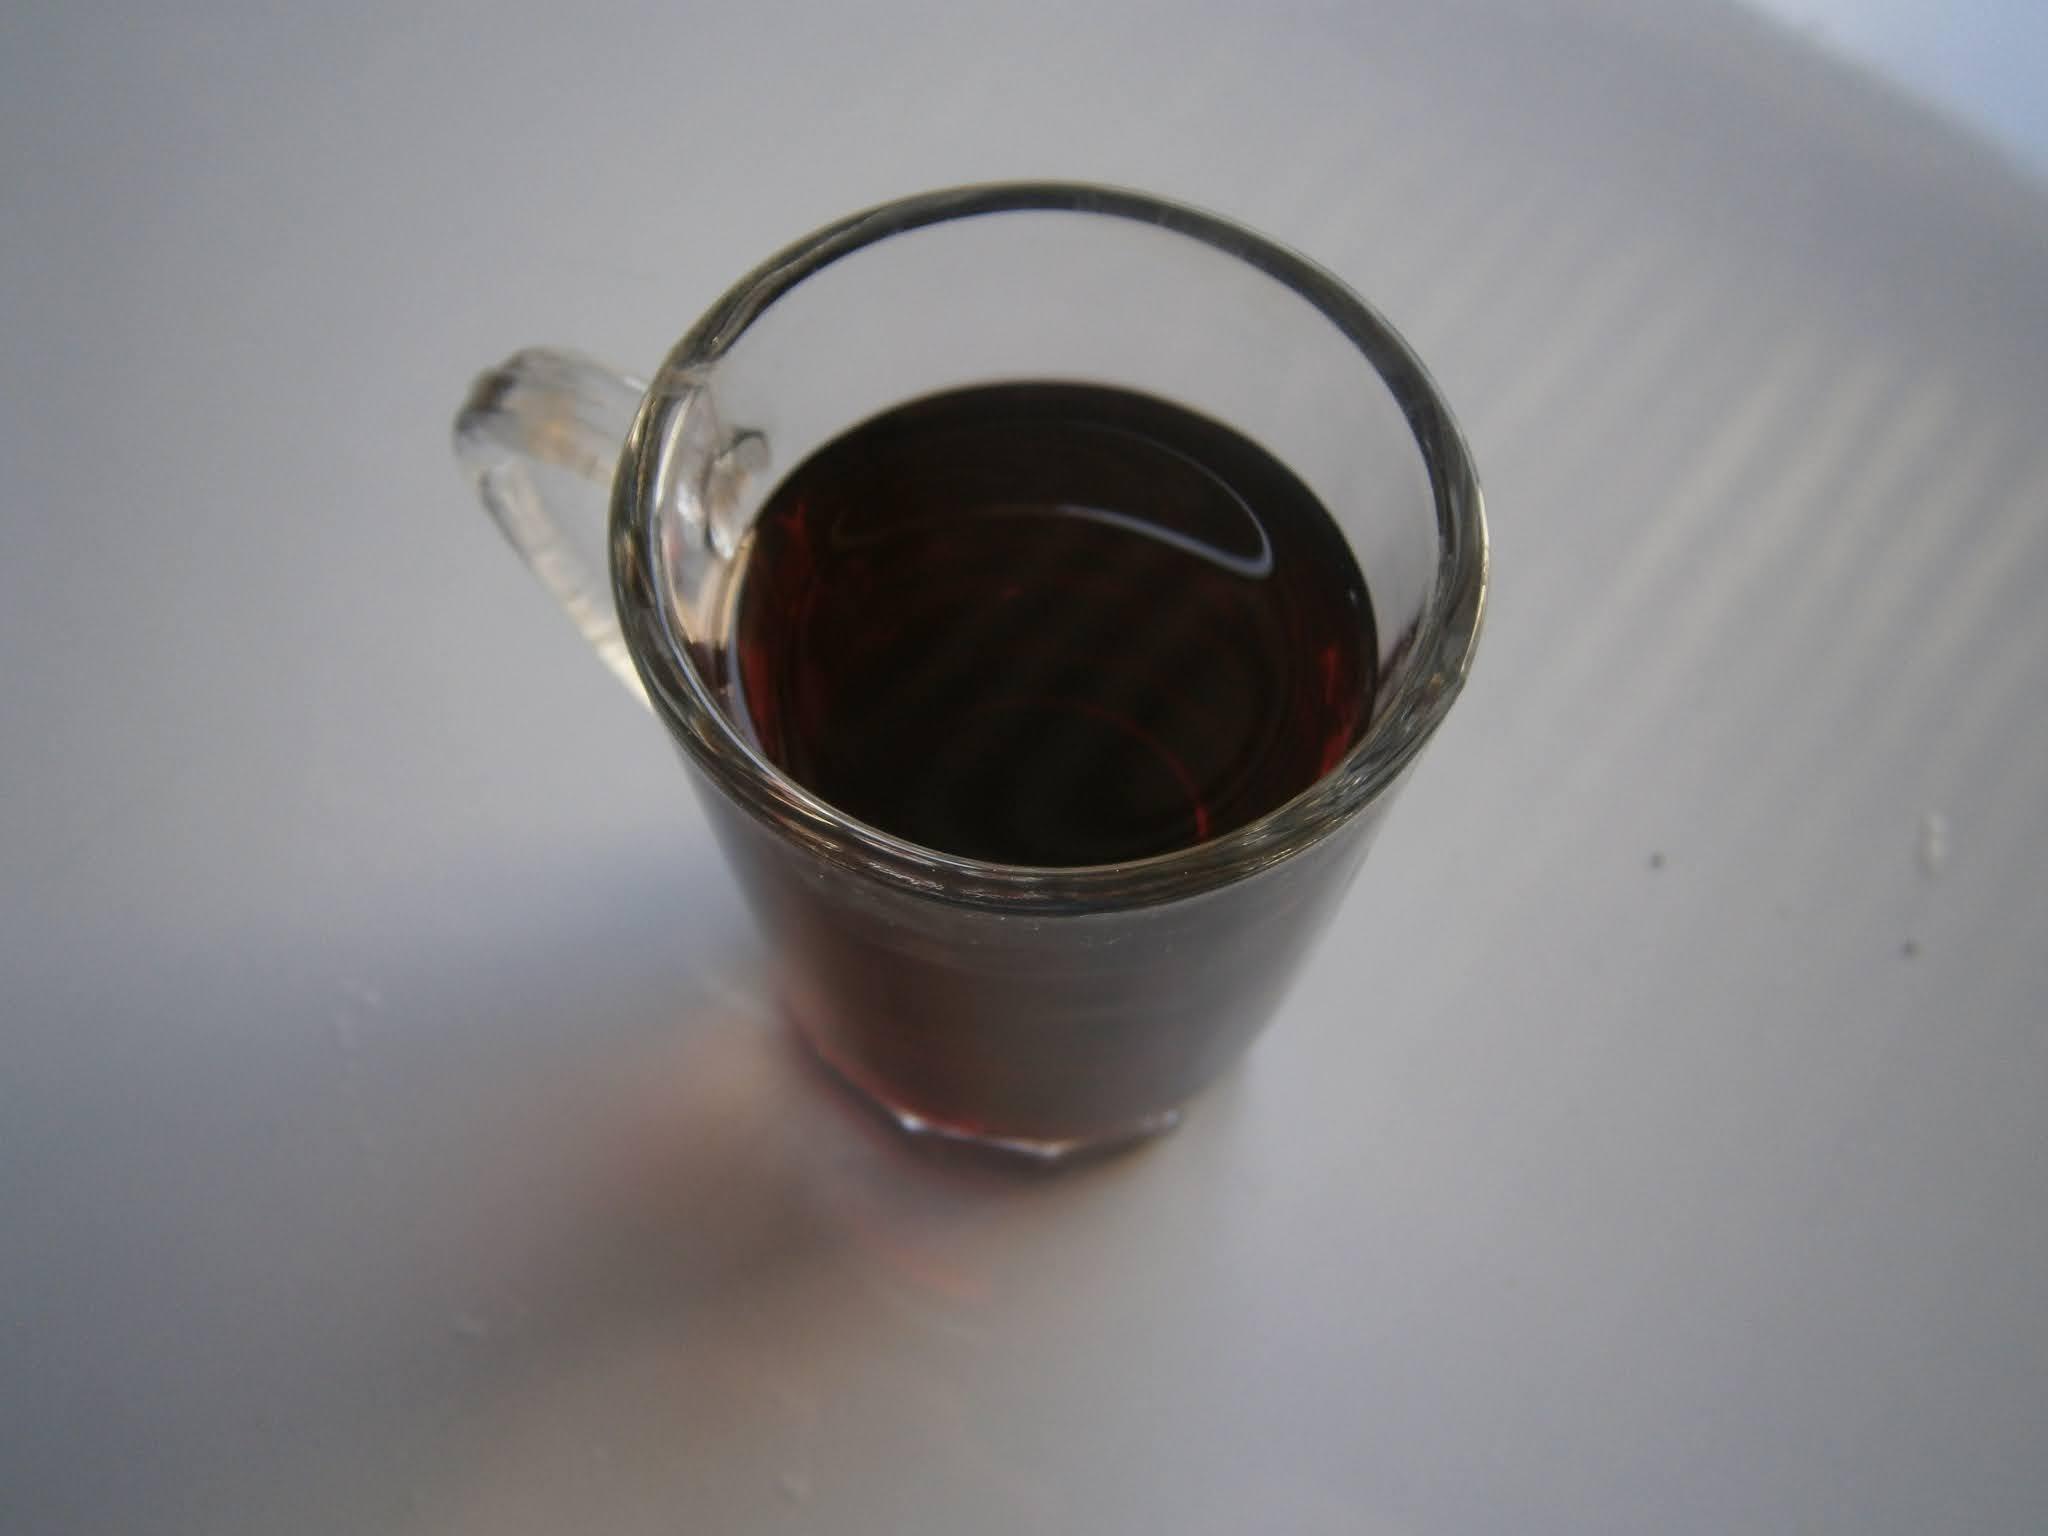 Vaso de vino pequeño puesto sobre un fondo de color blanco